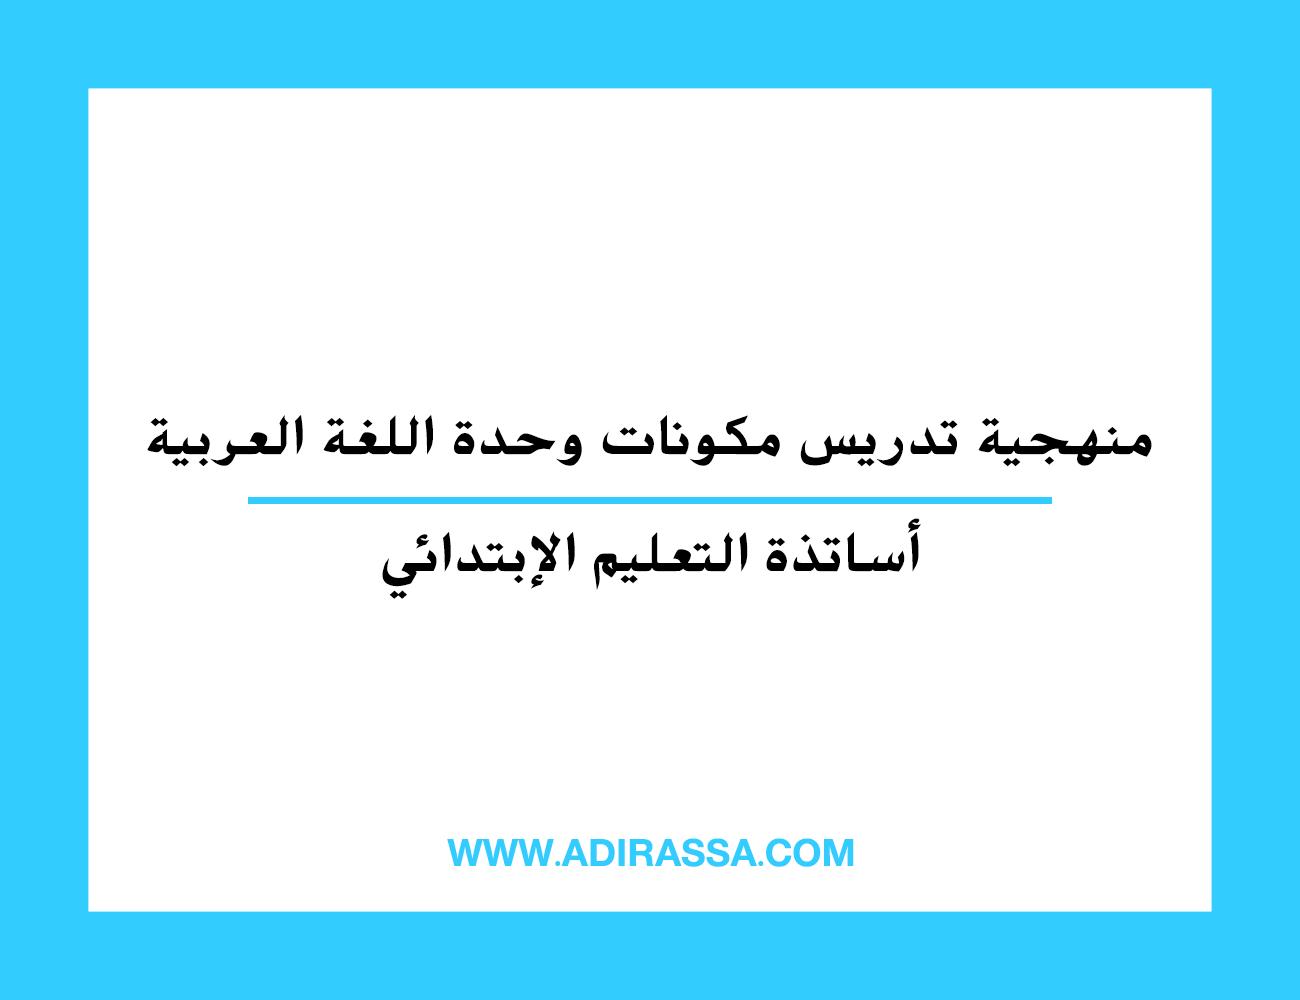 منهجية تدريس مكونات وحدة اللغة العربية لأساتذة التعليم الإبتدائي